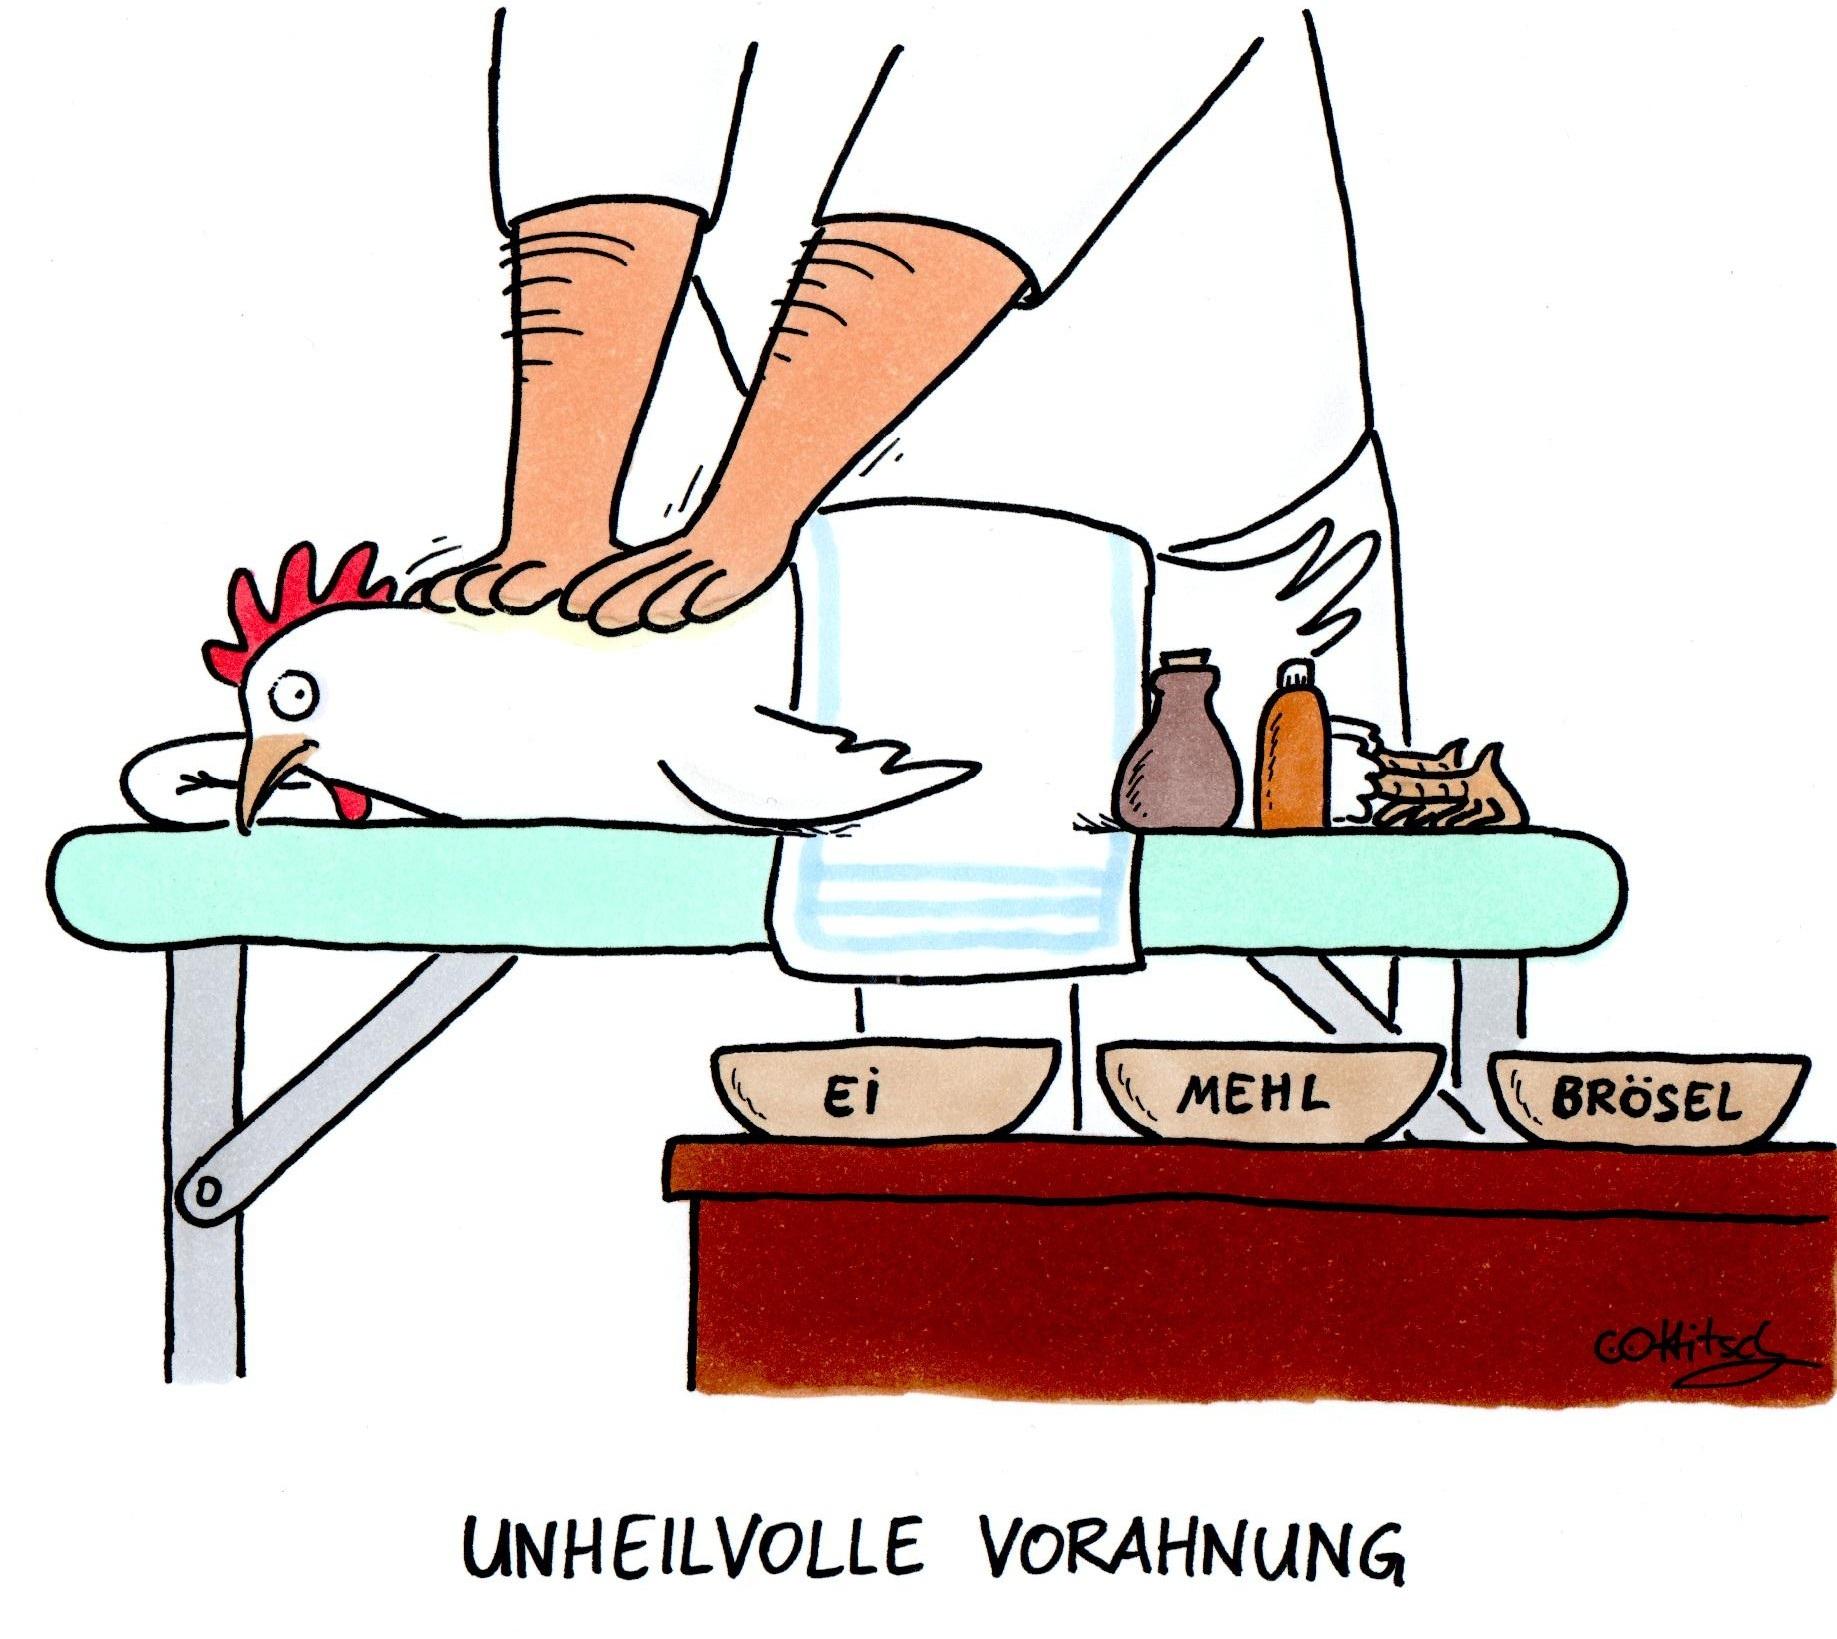 Unheilvolle Vorahnung (c) Oliver Ottitsch / Komische Künste